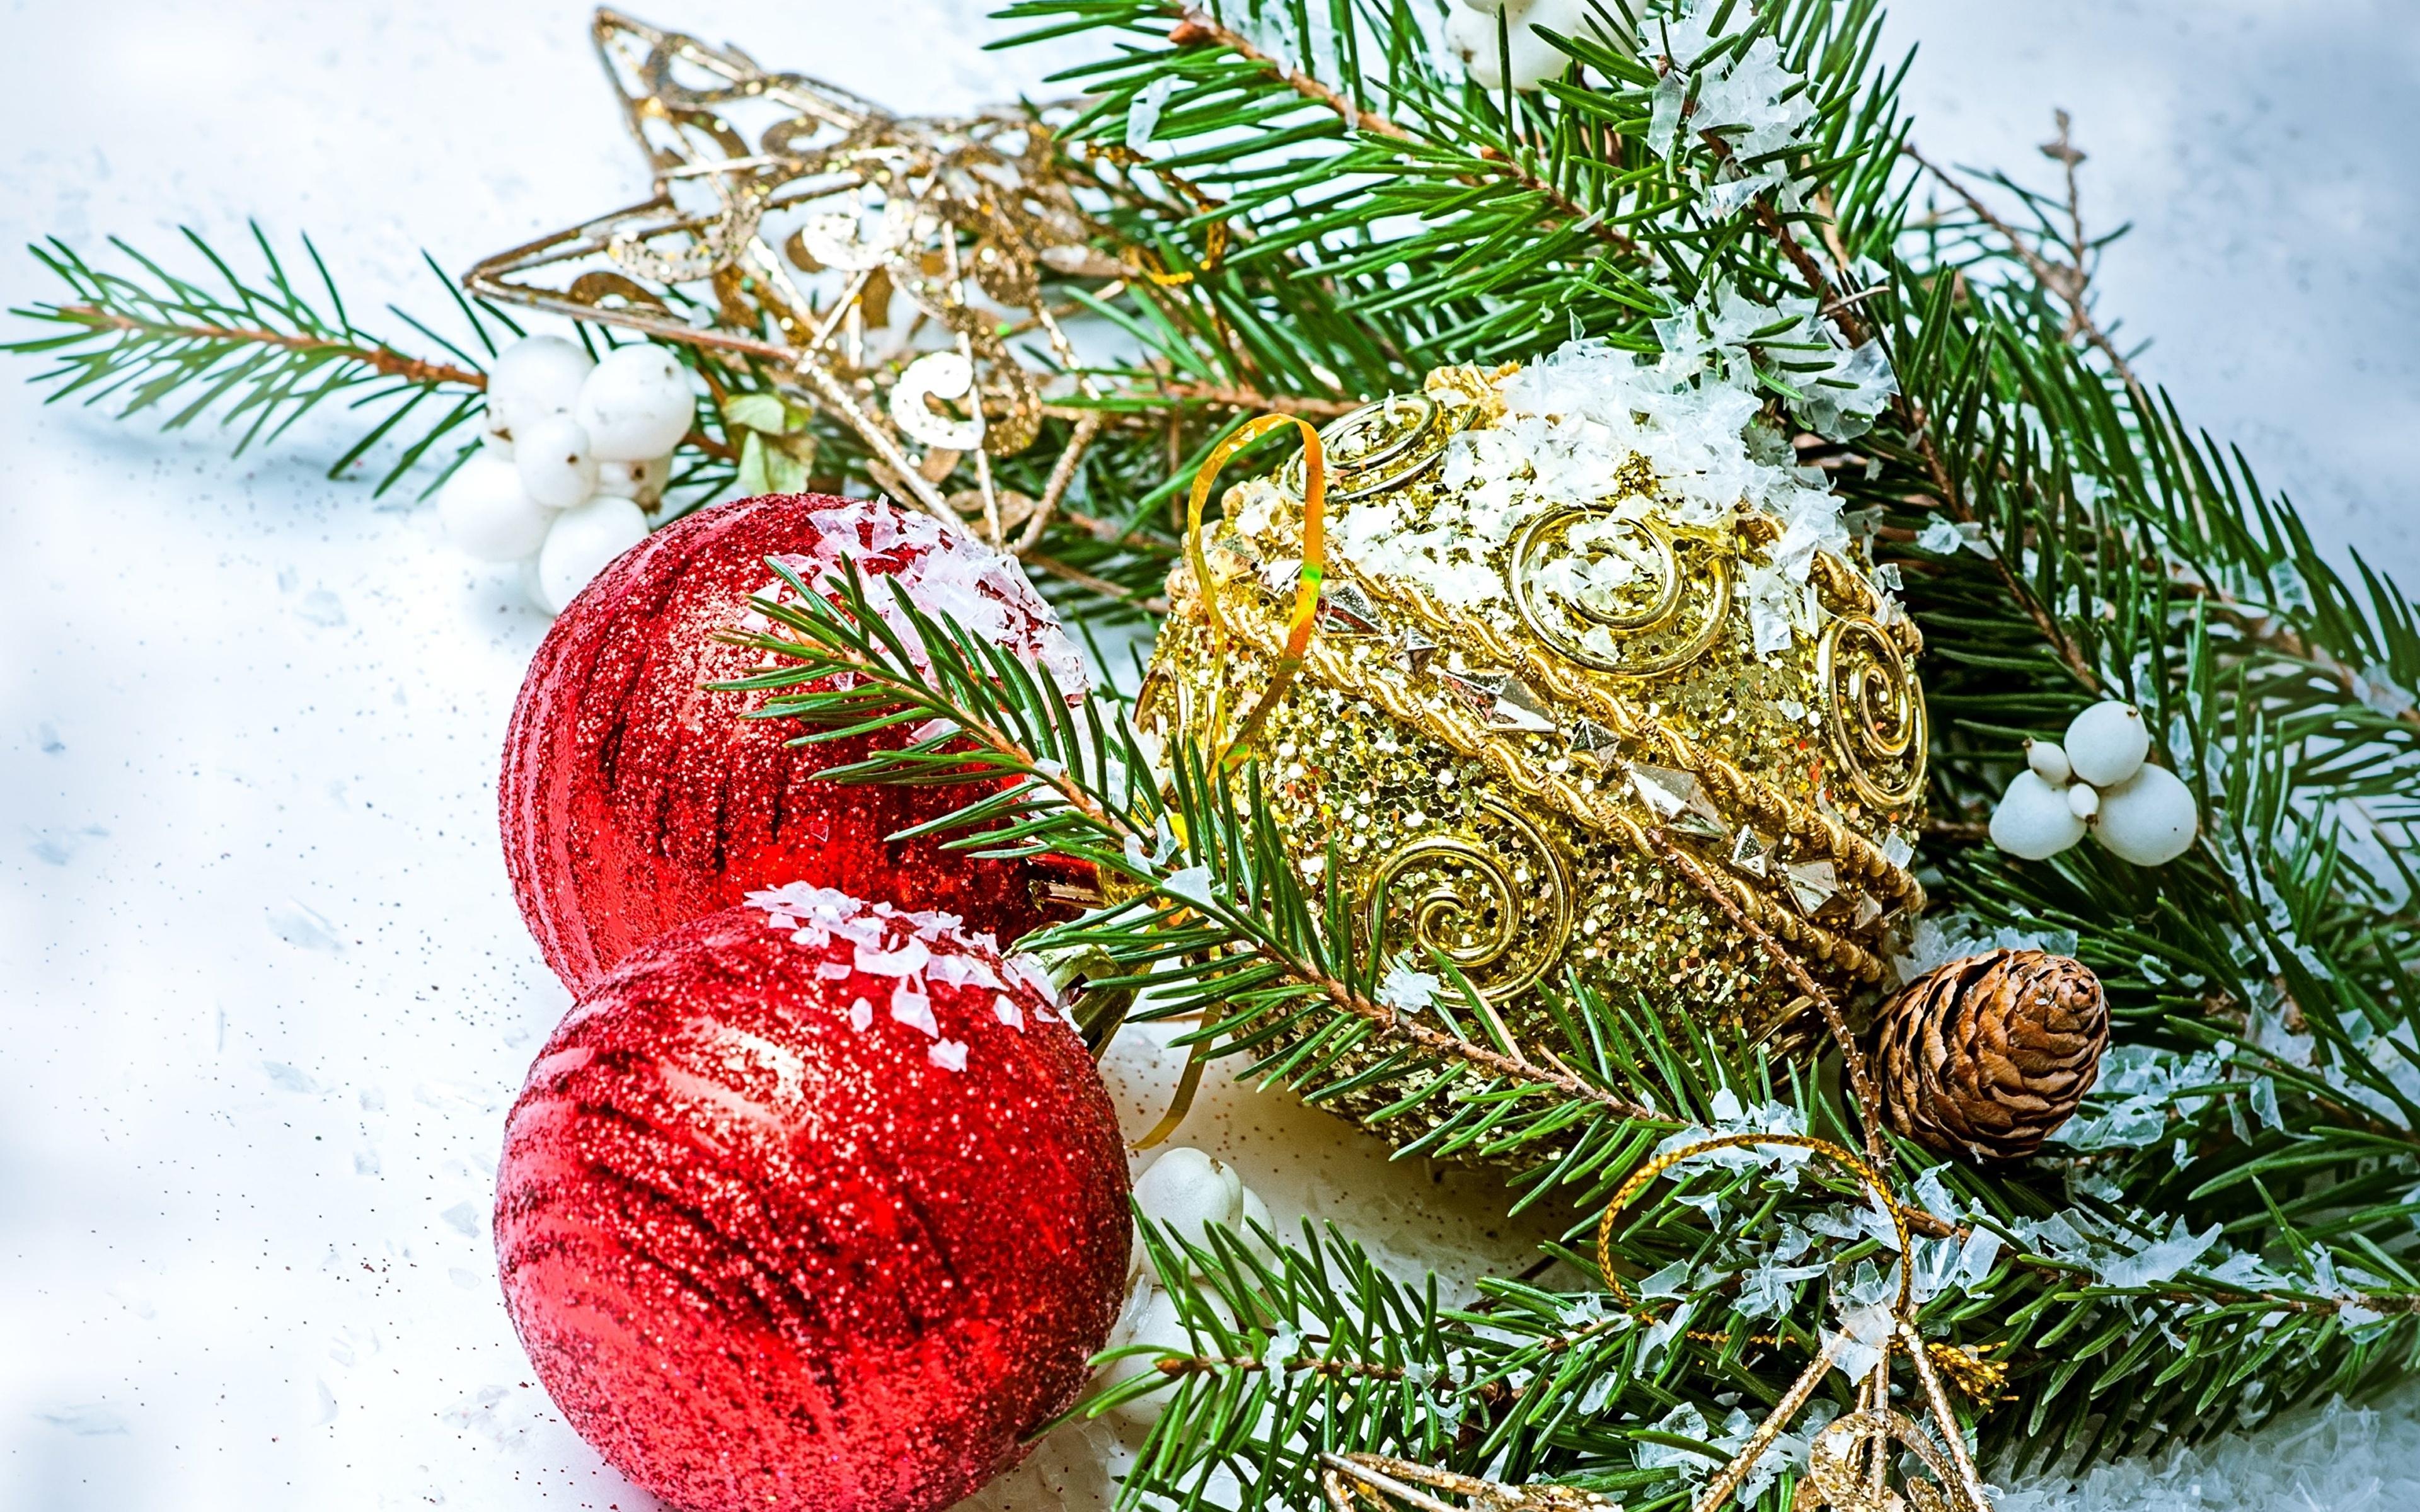 Weihnachtsbaum Ast.Hintergrundbilder Neujahr Weihnachtsbaum Ast Kugeln 3840x2400